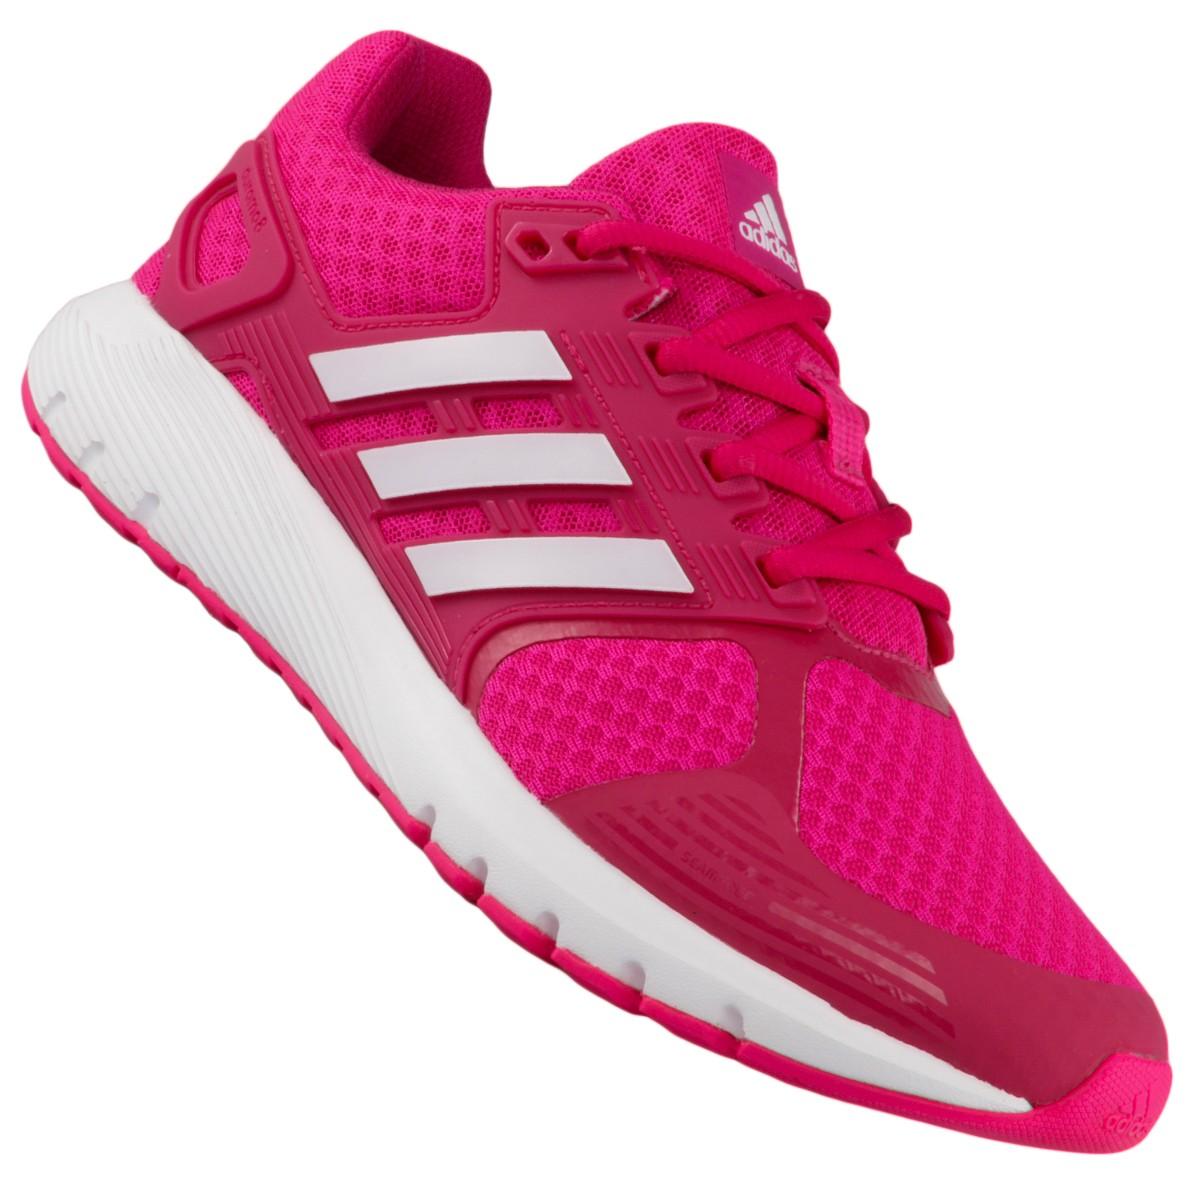 Tênis Adidas Duramo 8 Feminino ffab67ae00318